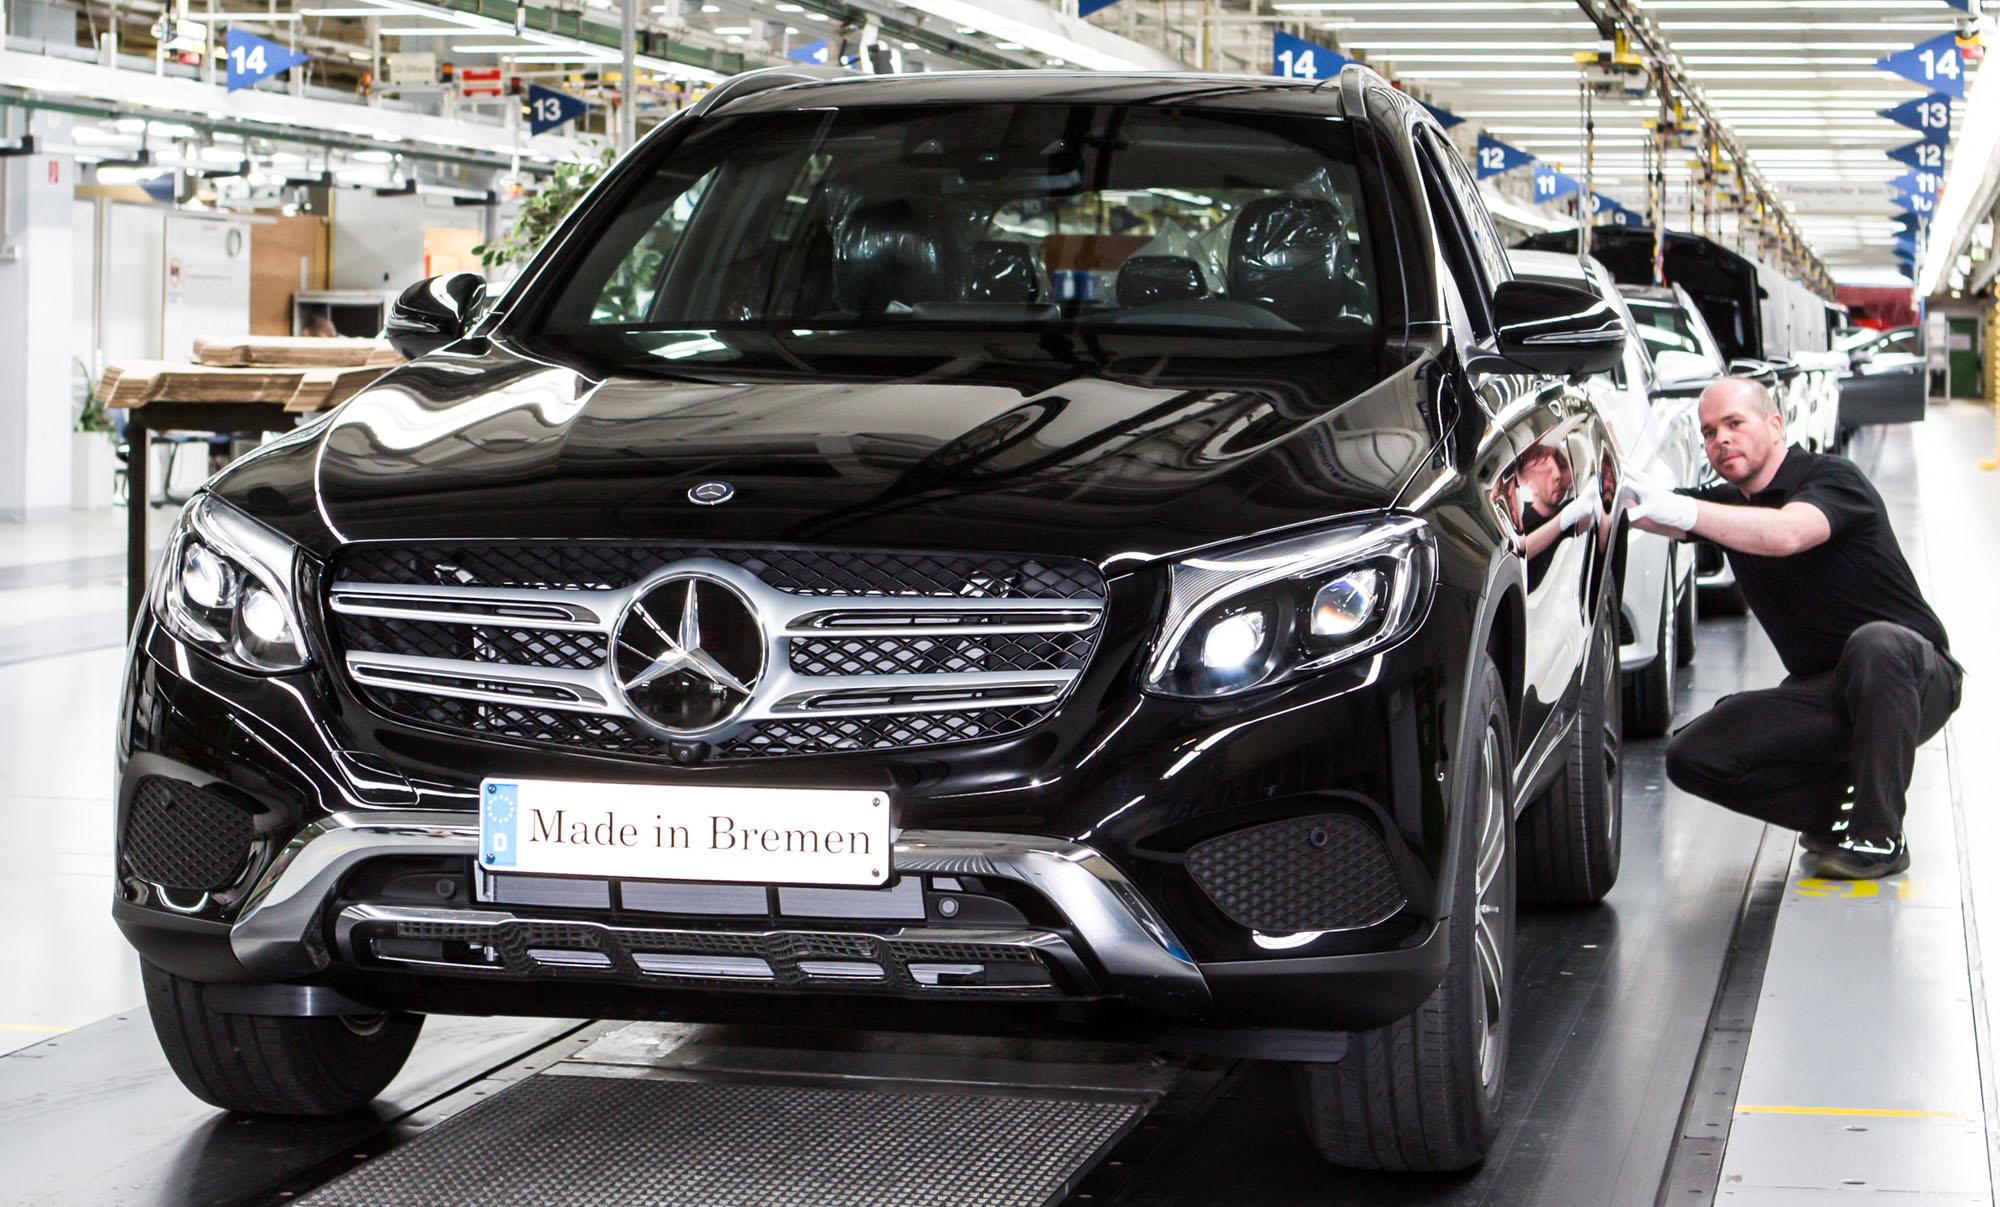 Ein Mann kniet neben einem neu produzierten dunklen Mercedes.